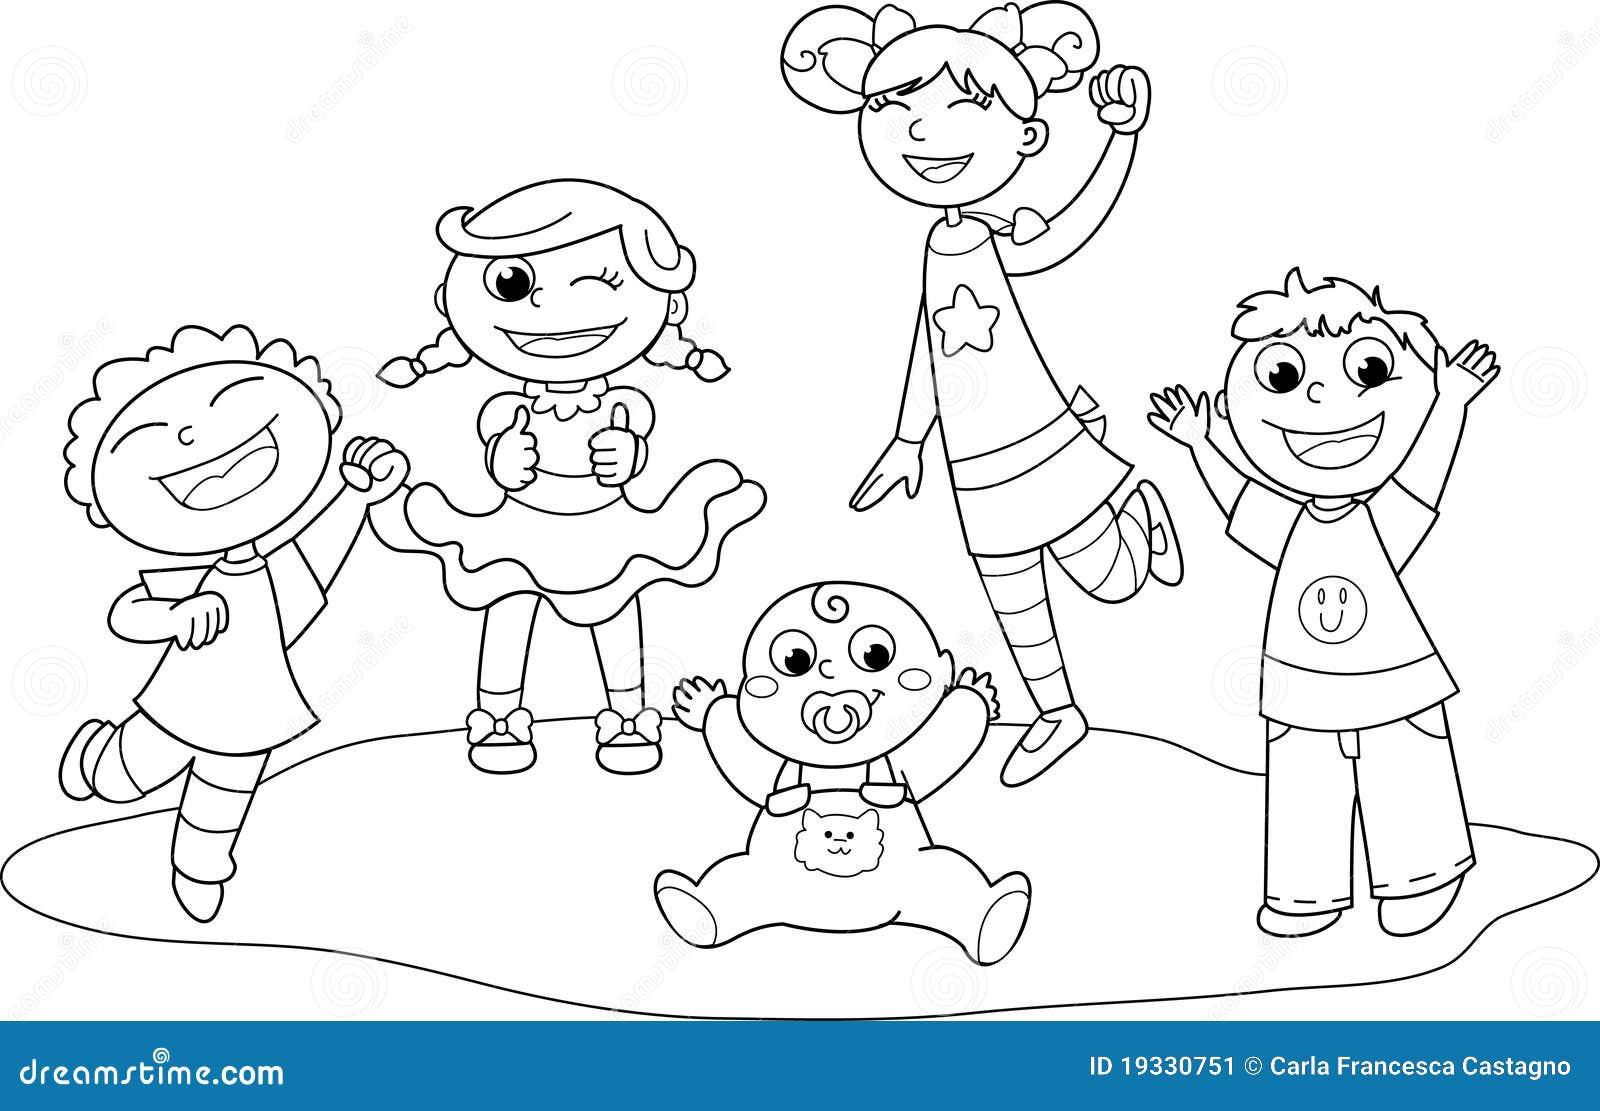 Pinto Dibujos Imagenes De Niños Felices Leyendo Para: Cinque Bambini Felici Illustrazione Vettoriale